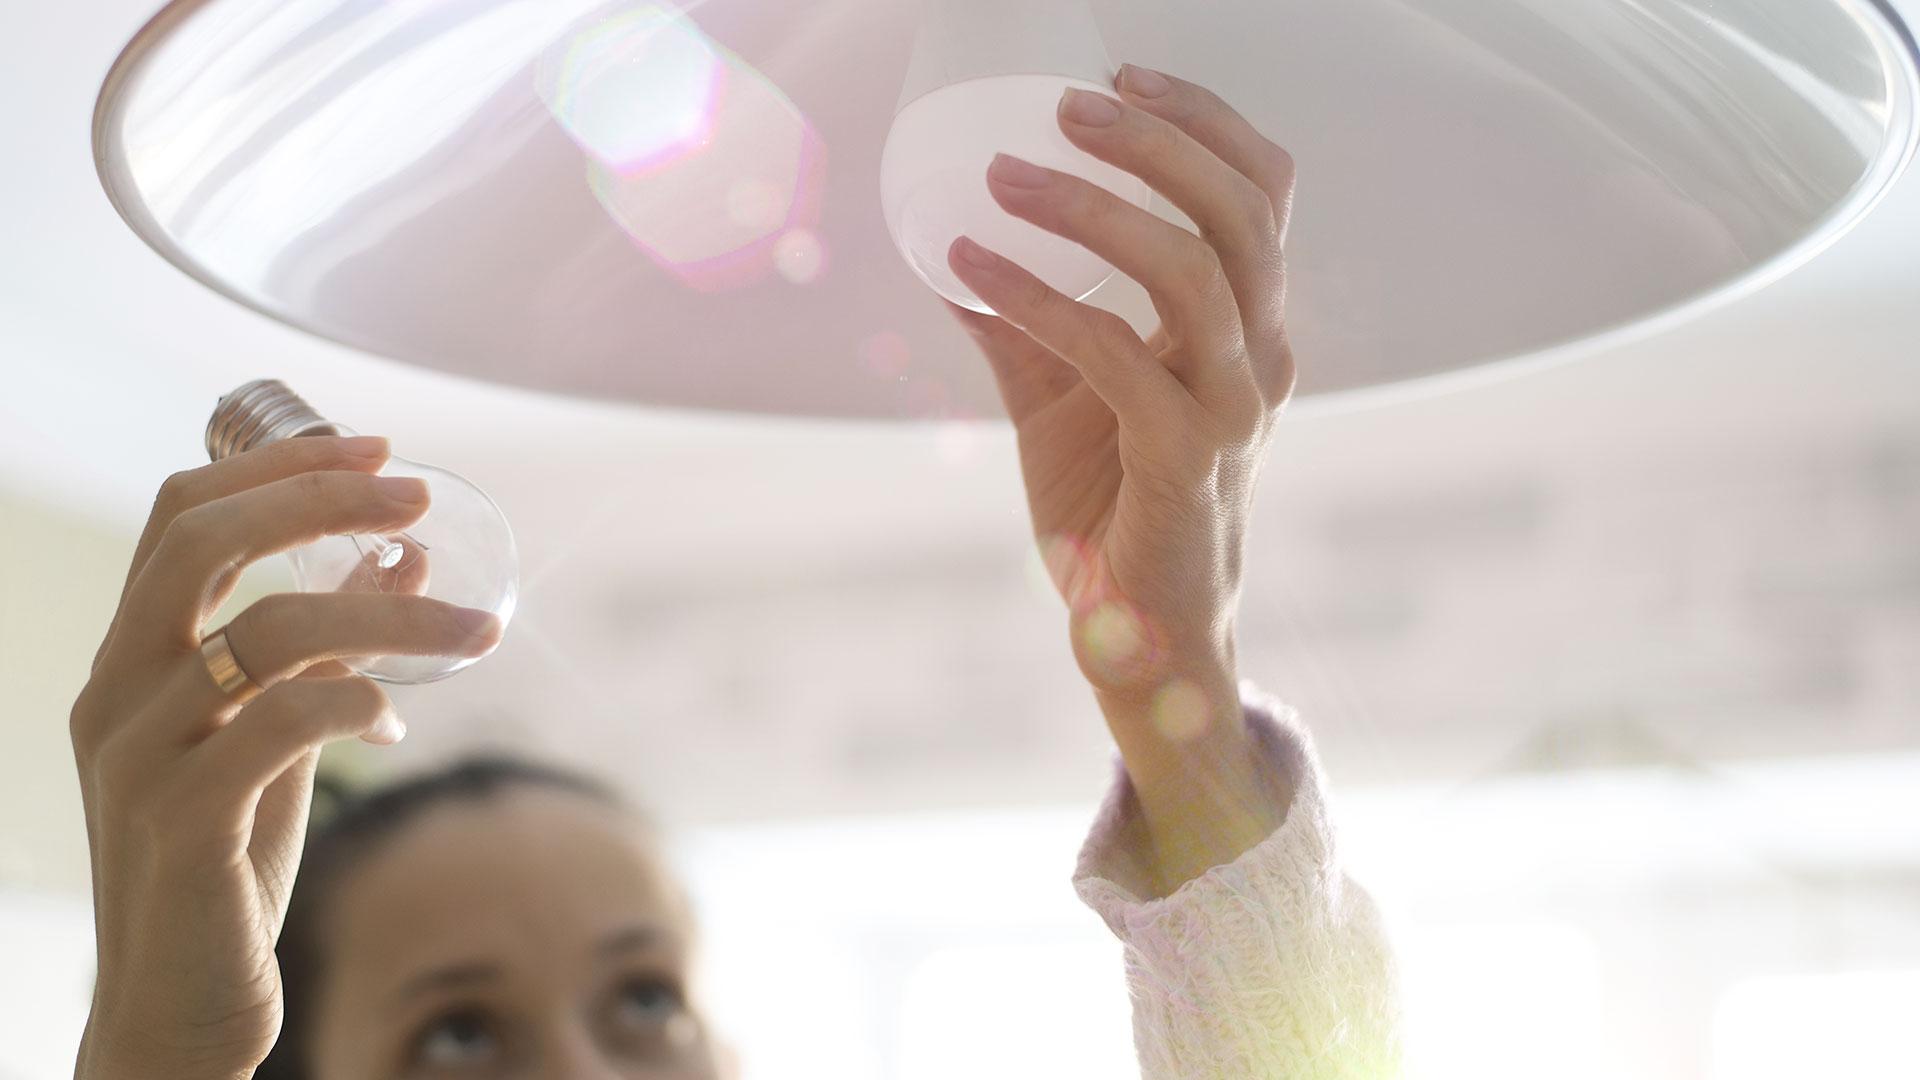 Austausch von Glühbirnen gegen LED oder Energiesparlampen